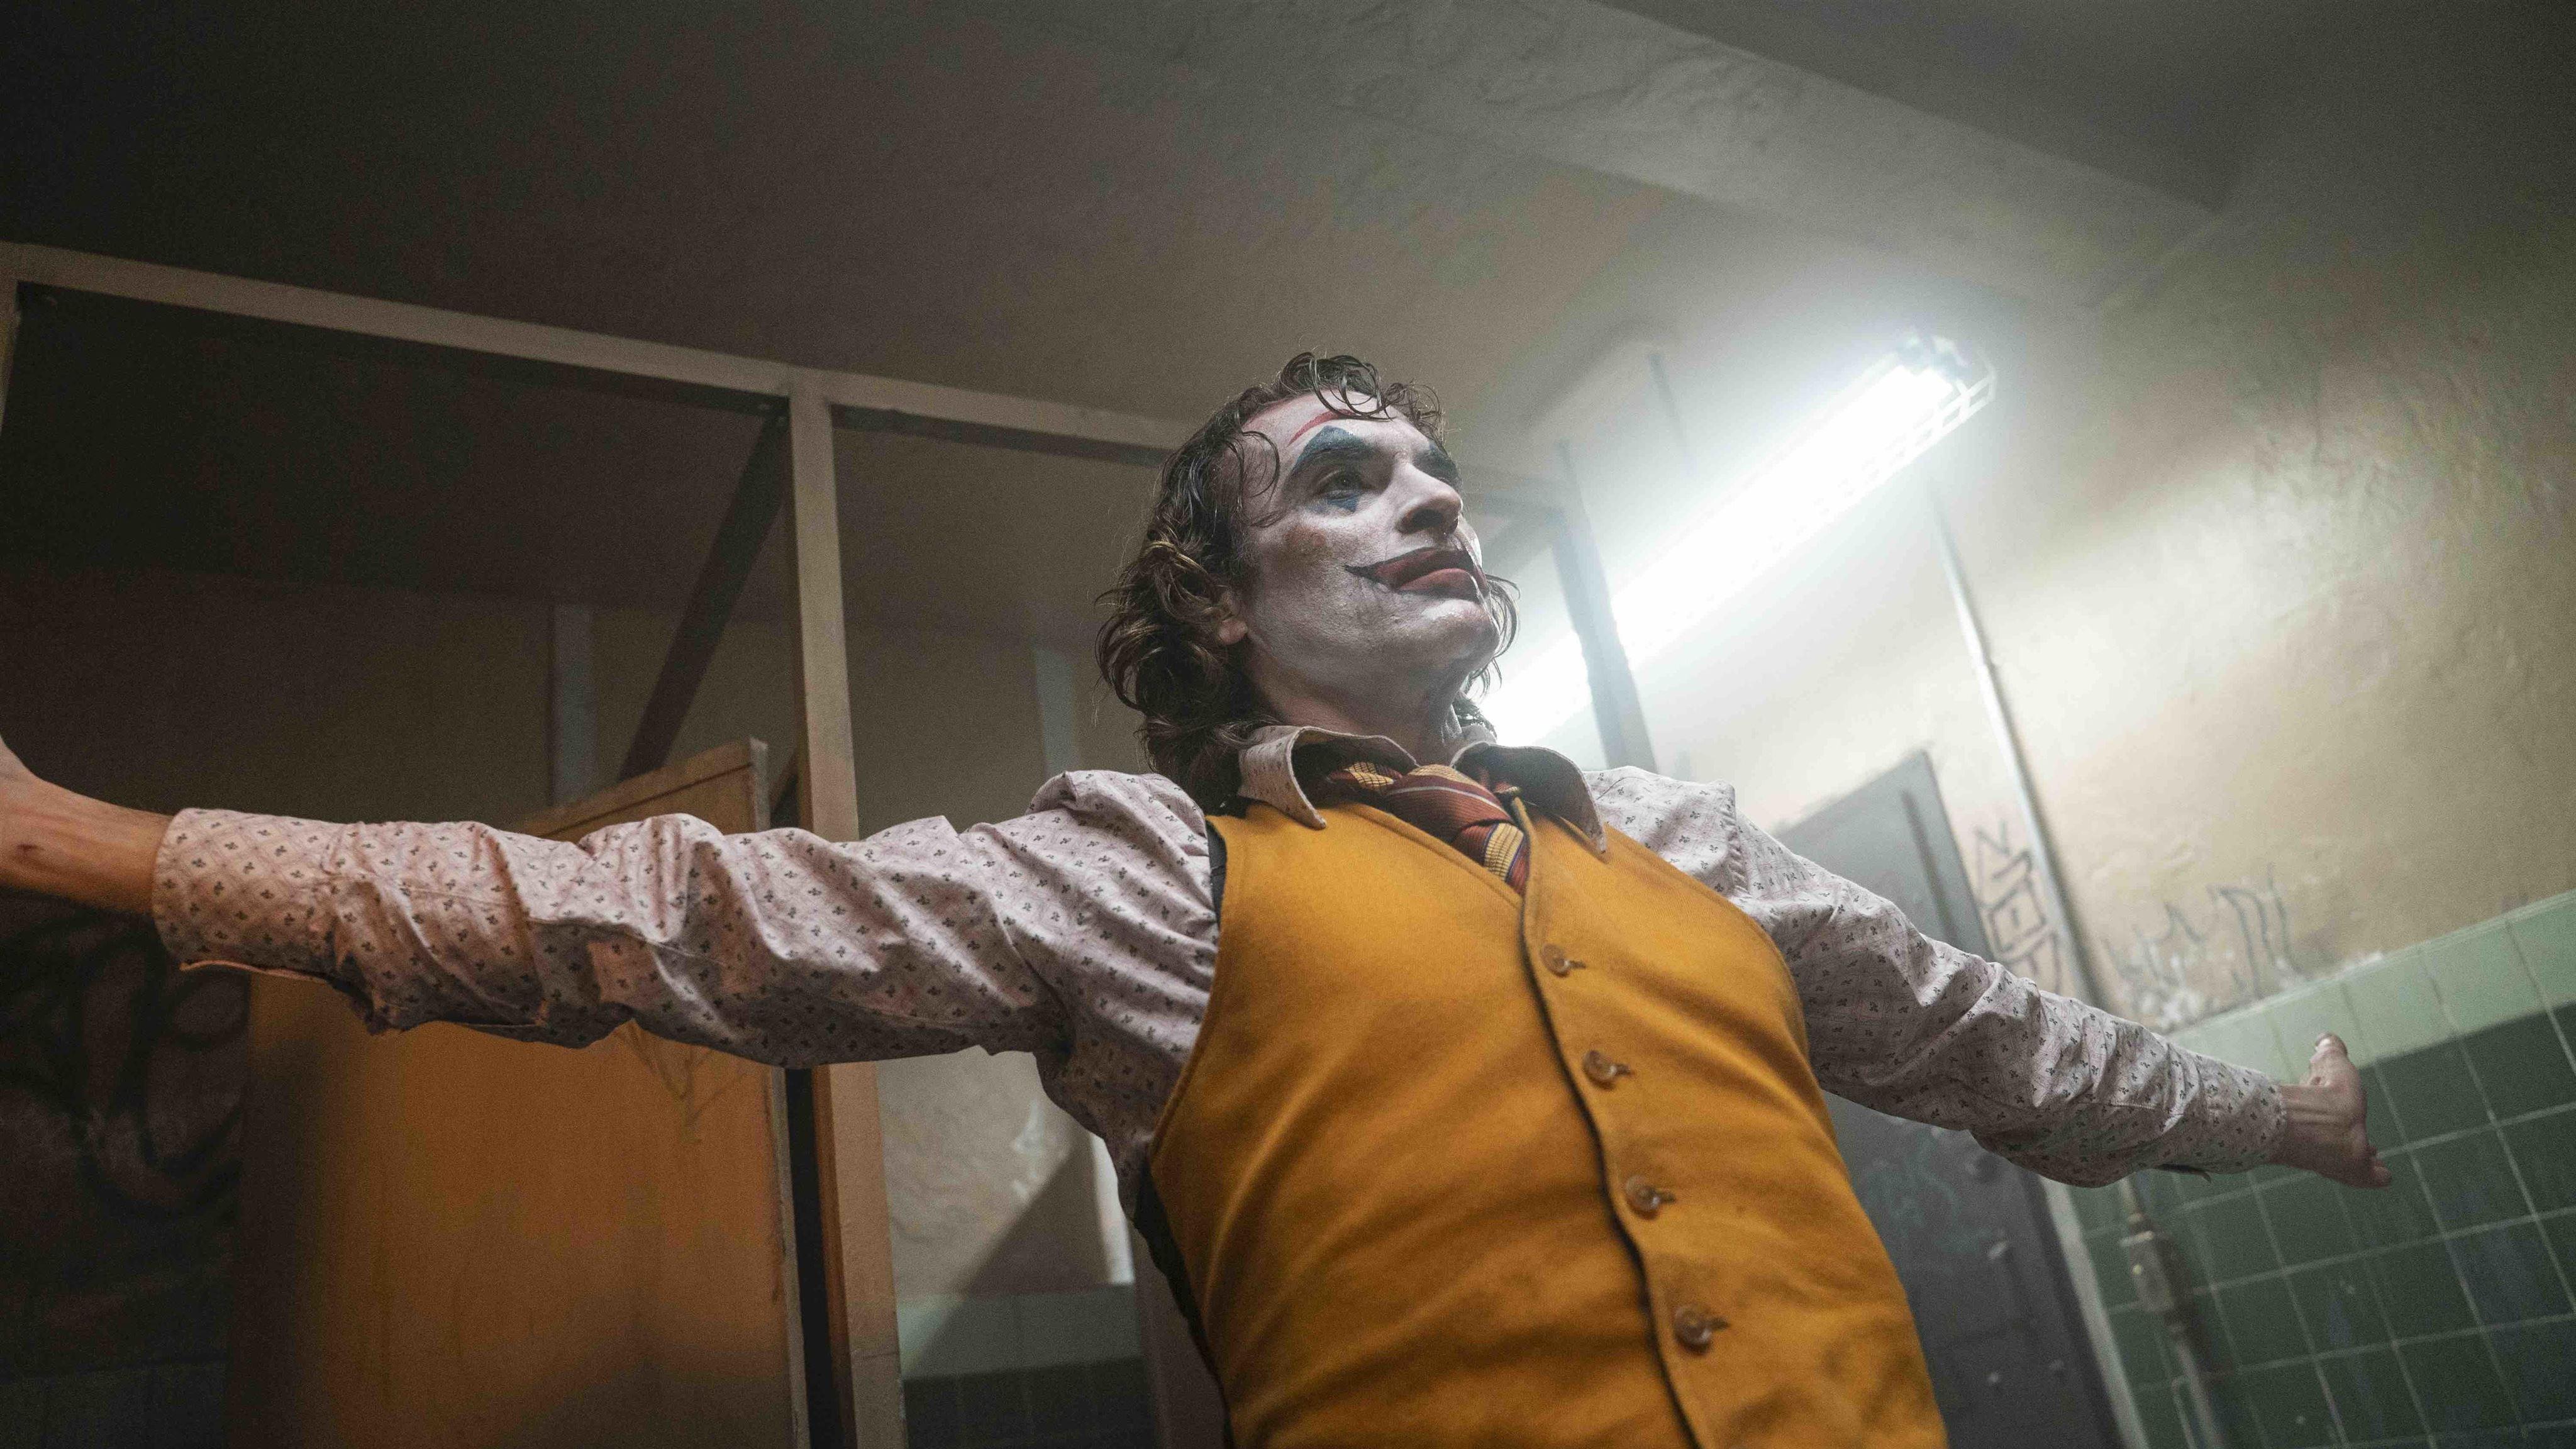 The Joker Joaquin Phoenix 5k 2019 Mac Wallpaper Download